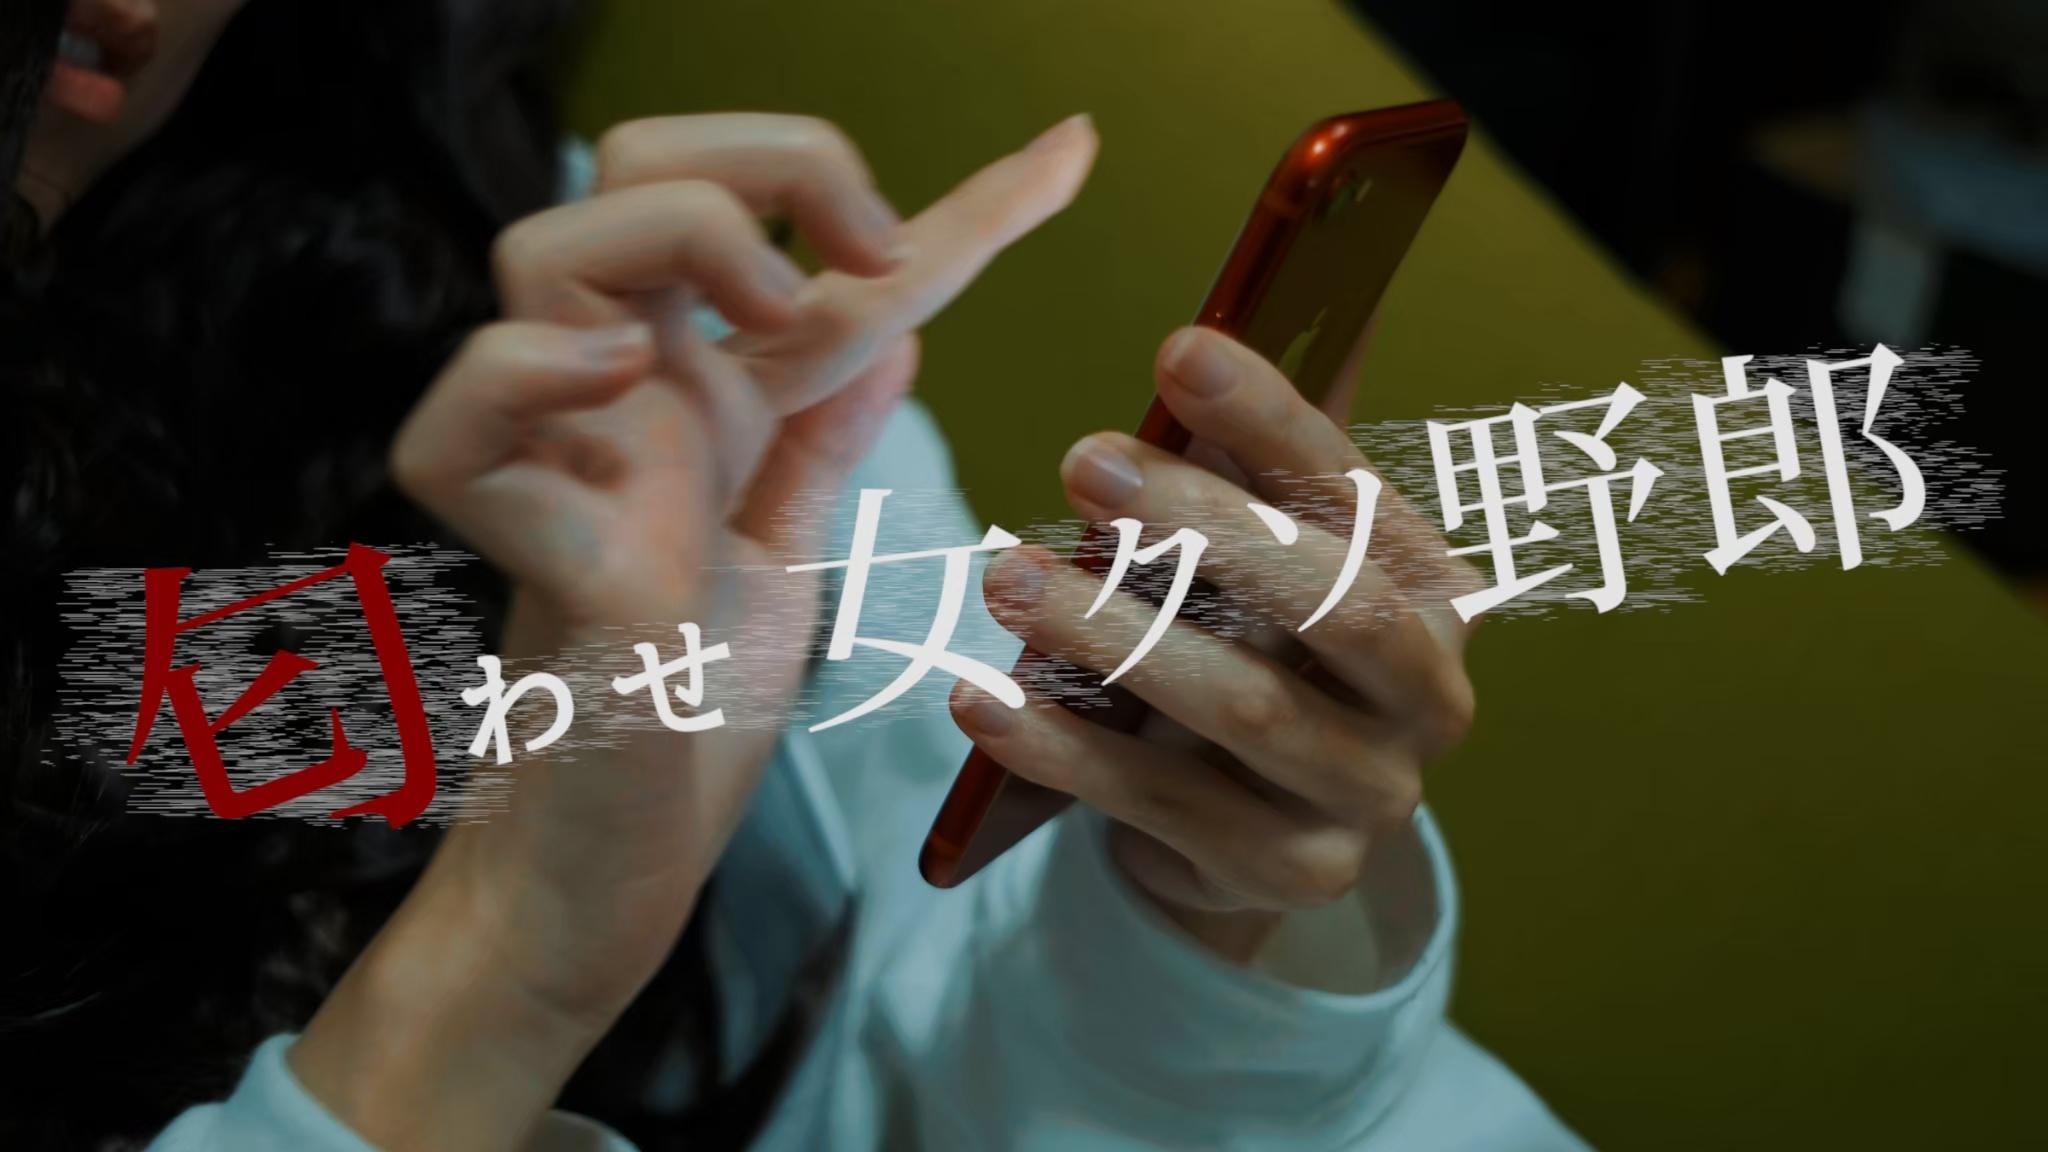 ミヤワキサキ様 MV「匂わせ女クソ野郎」   MV制作の画像